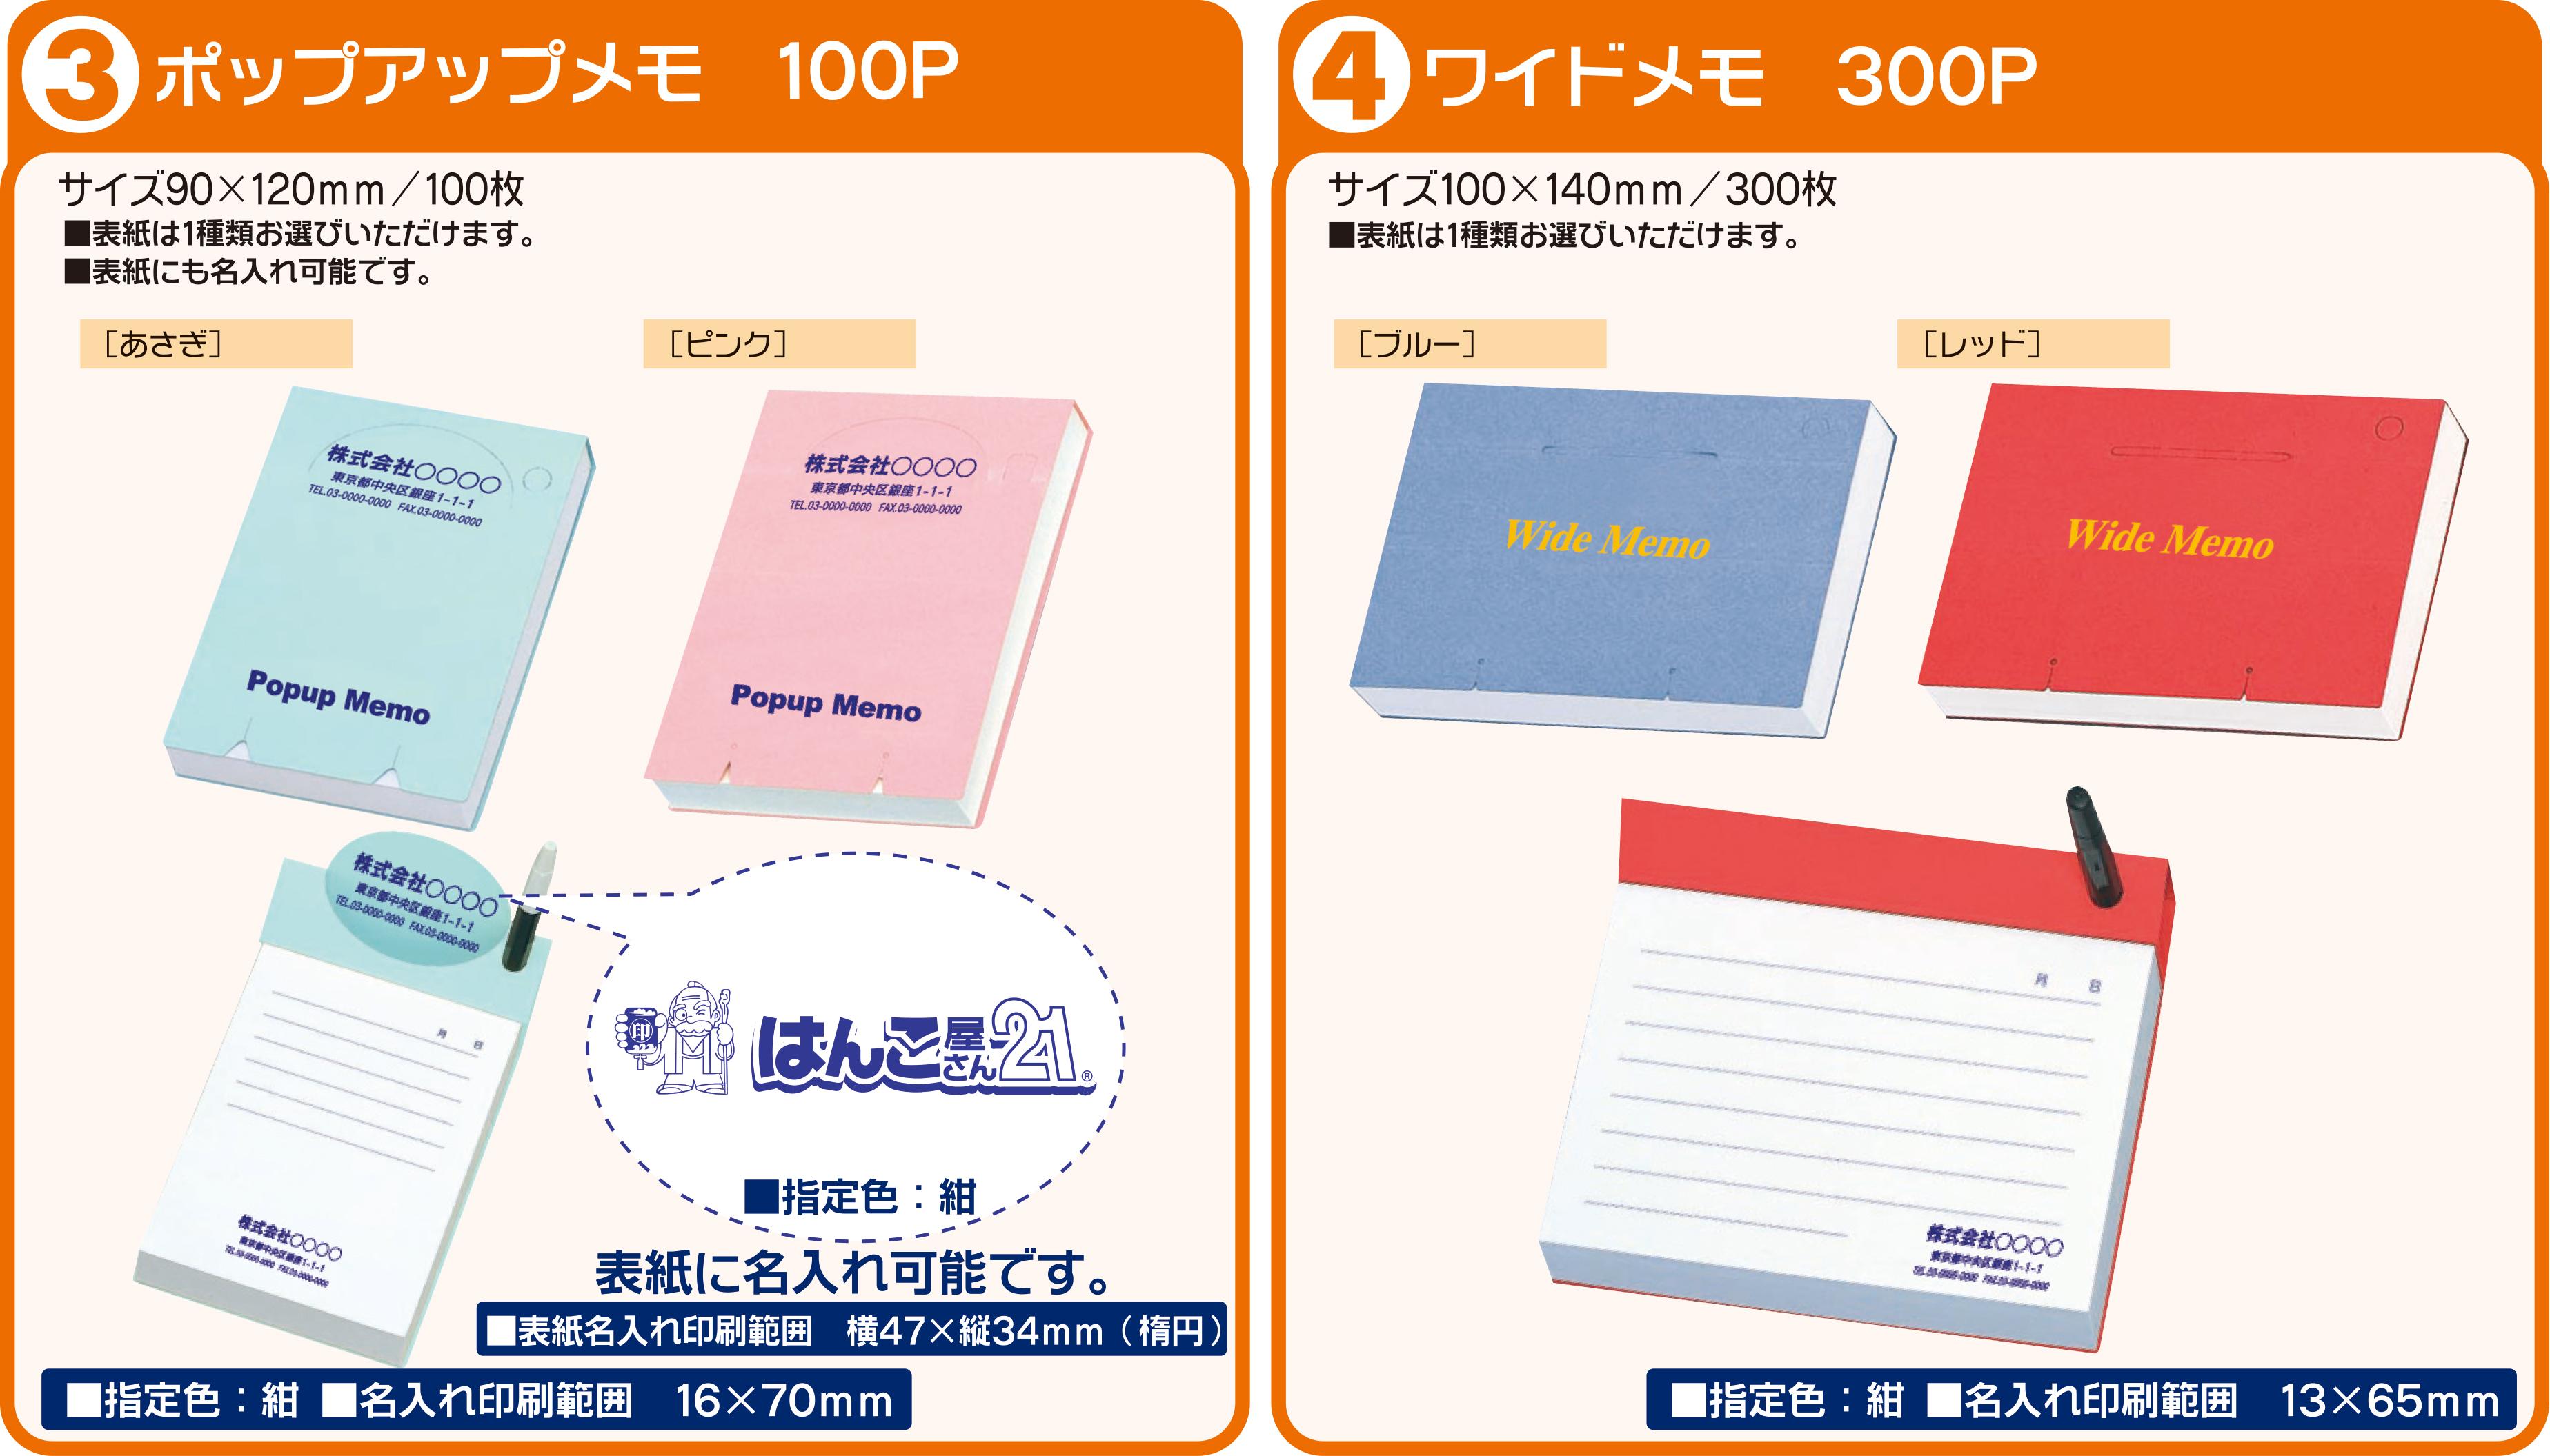 メモ帳ラインナップ2